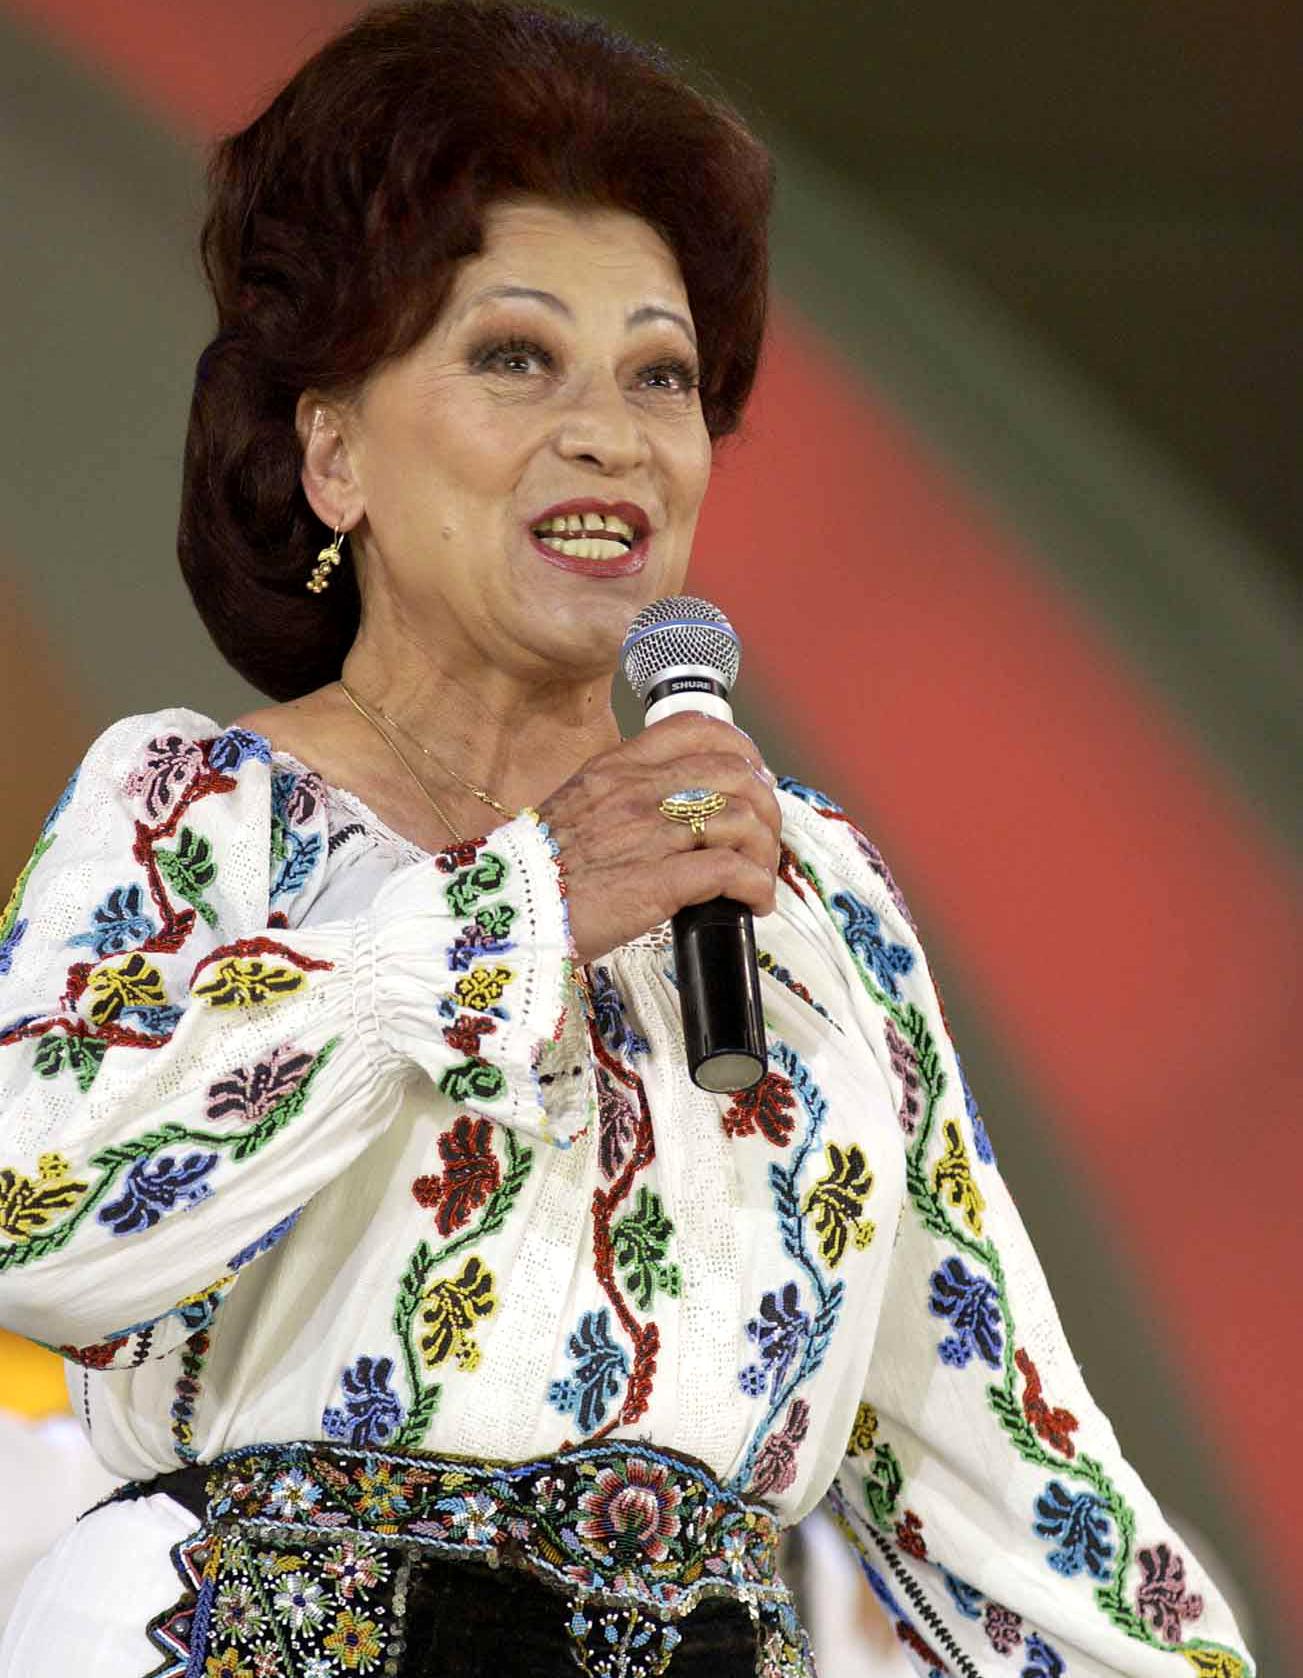 Maria Ciobanu, Ciocârlia muzicii tradiționale românești